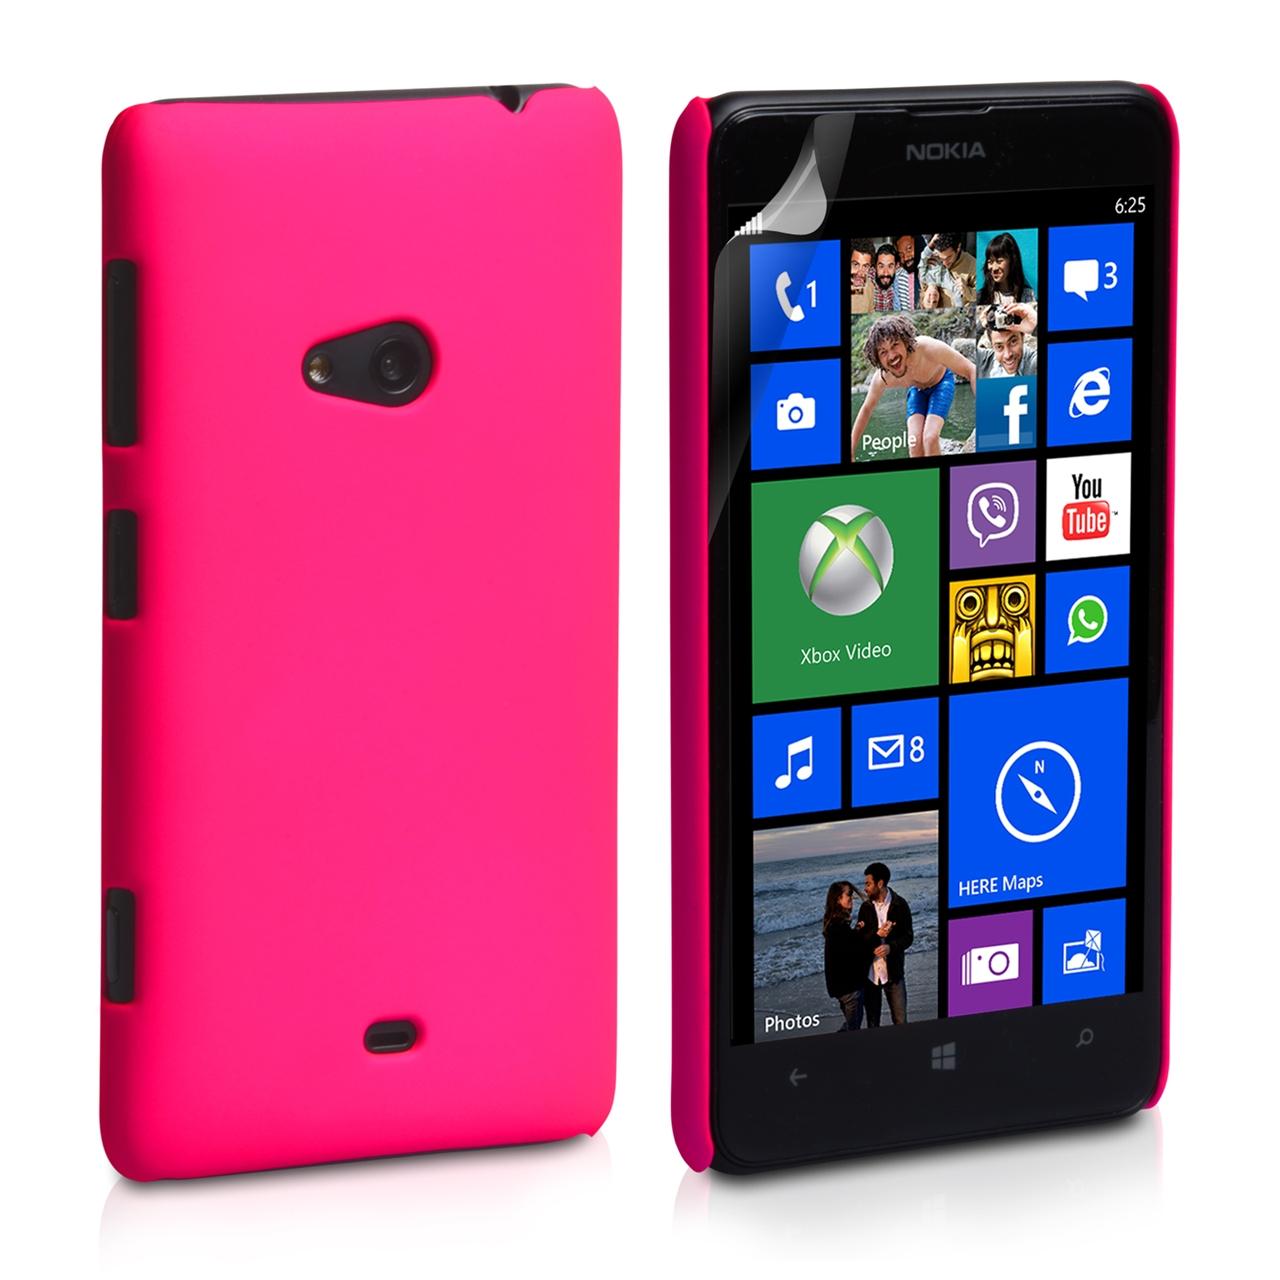 Θήκη Nokia Lumia 625 by YouSave (Z514)